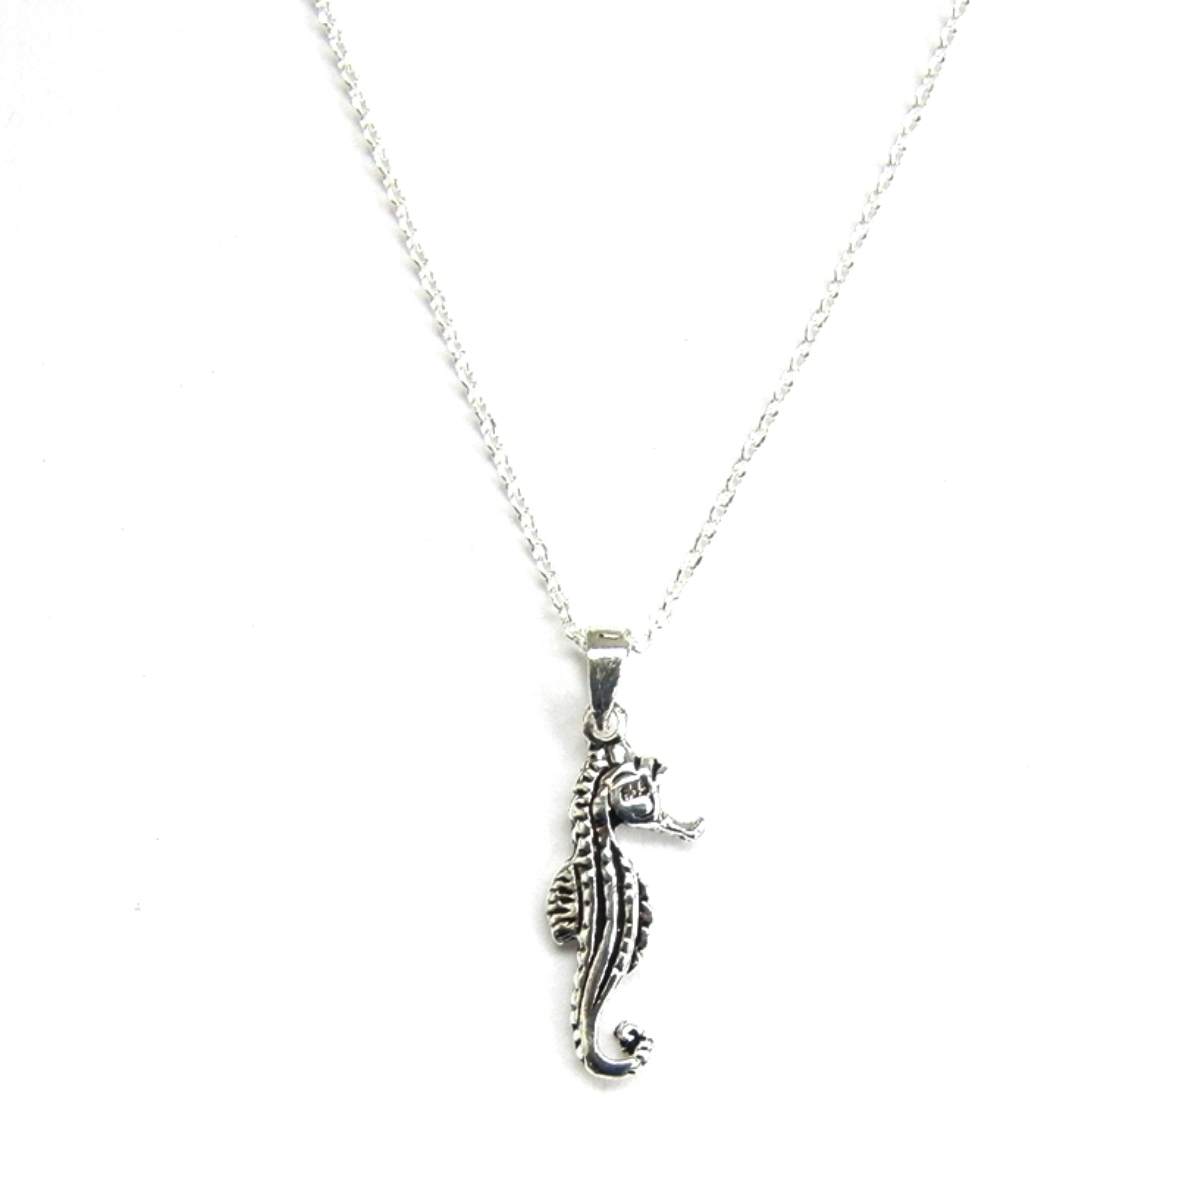 Dainty Silver Seahorse Necklace.